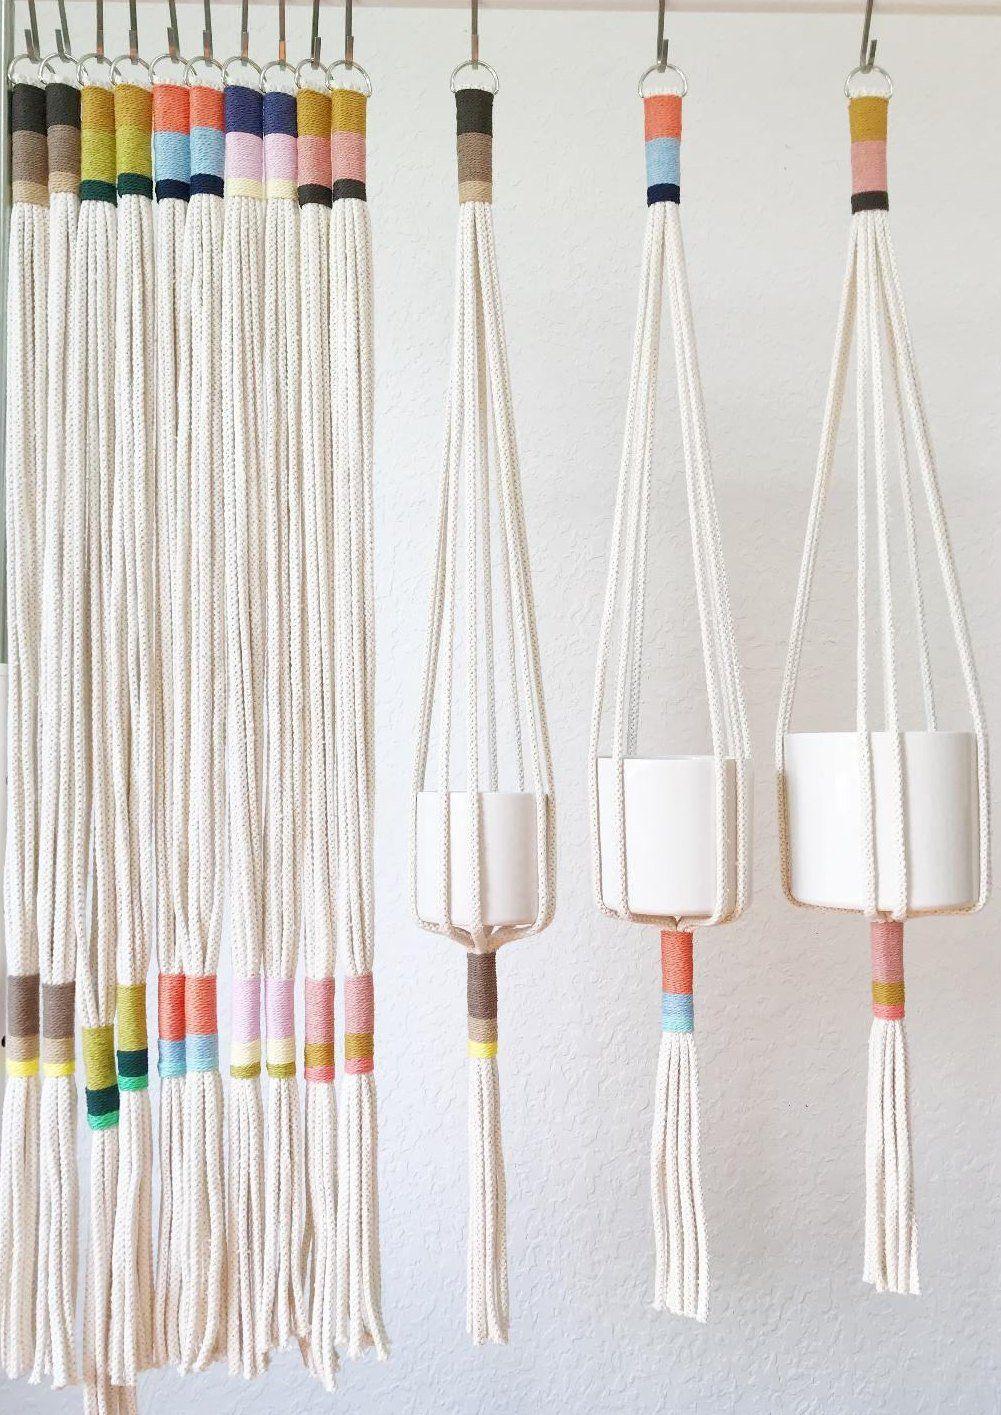 Slim Color-Block Plant Hanger #easycrafts